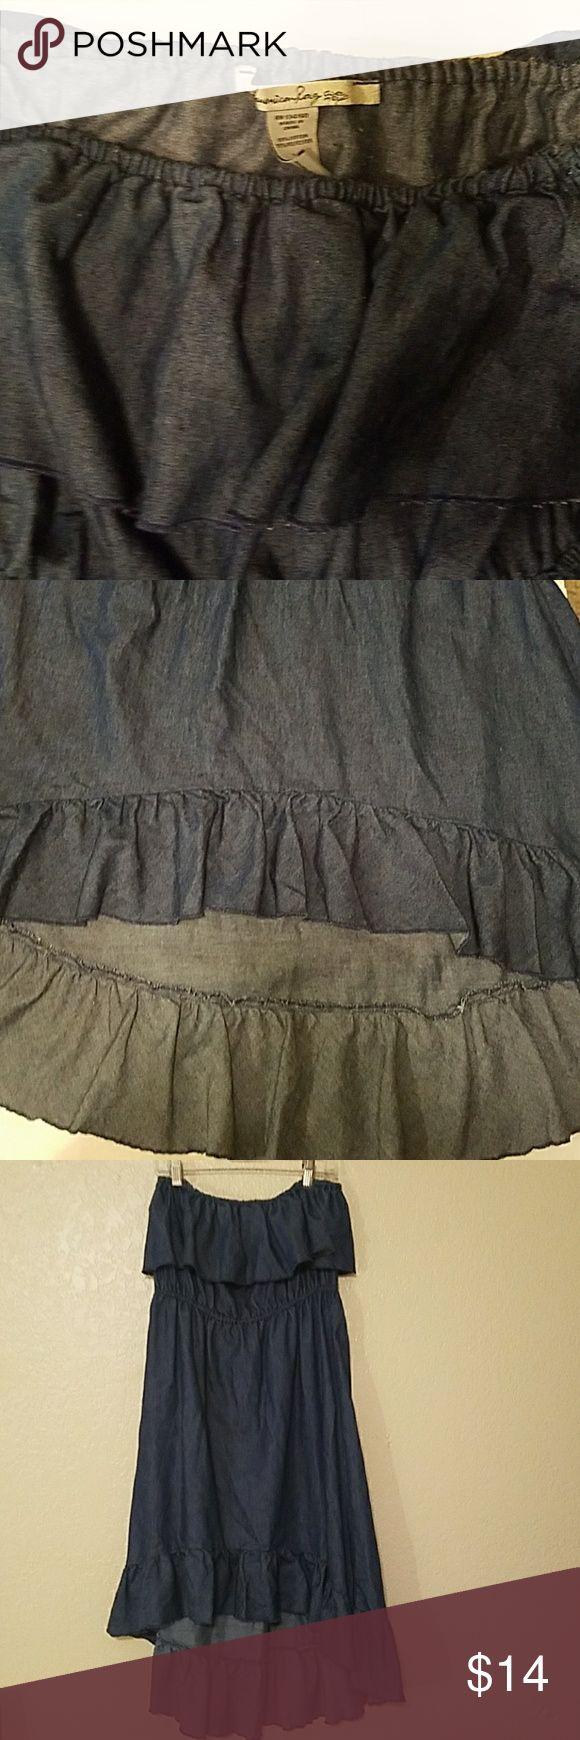 American Rag Strapless dress Lightweight High Low Strapless dress by American Rag65%cotton 35%polyester high low dress American Rag Dresses High Low